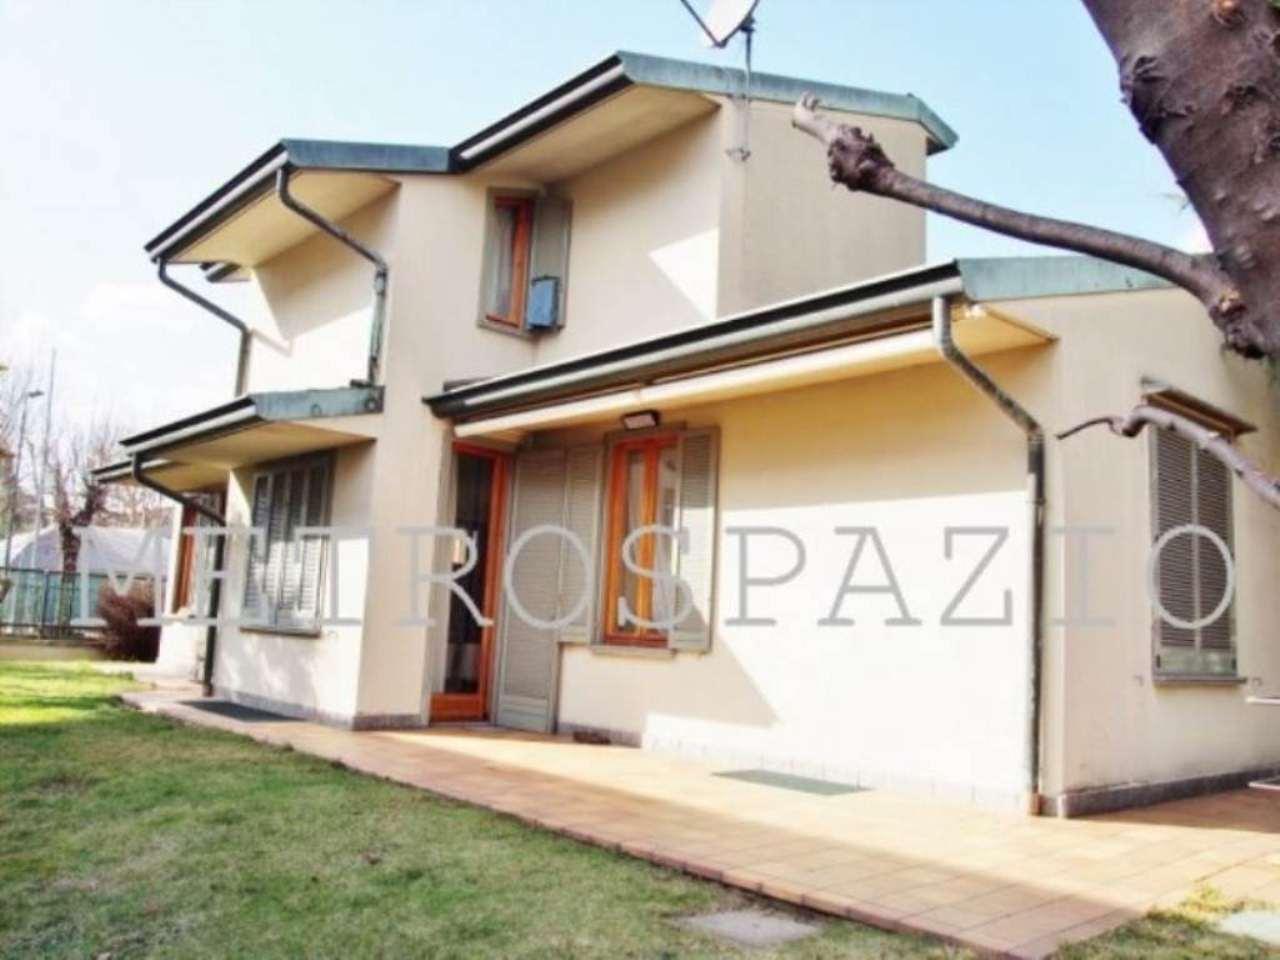 Villa in vendita a Bovisio Masciago, 5 locali, Trattative riservate | Cambio Casa.it